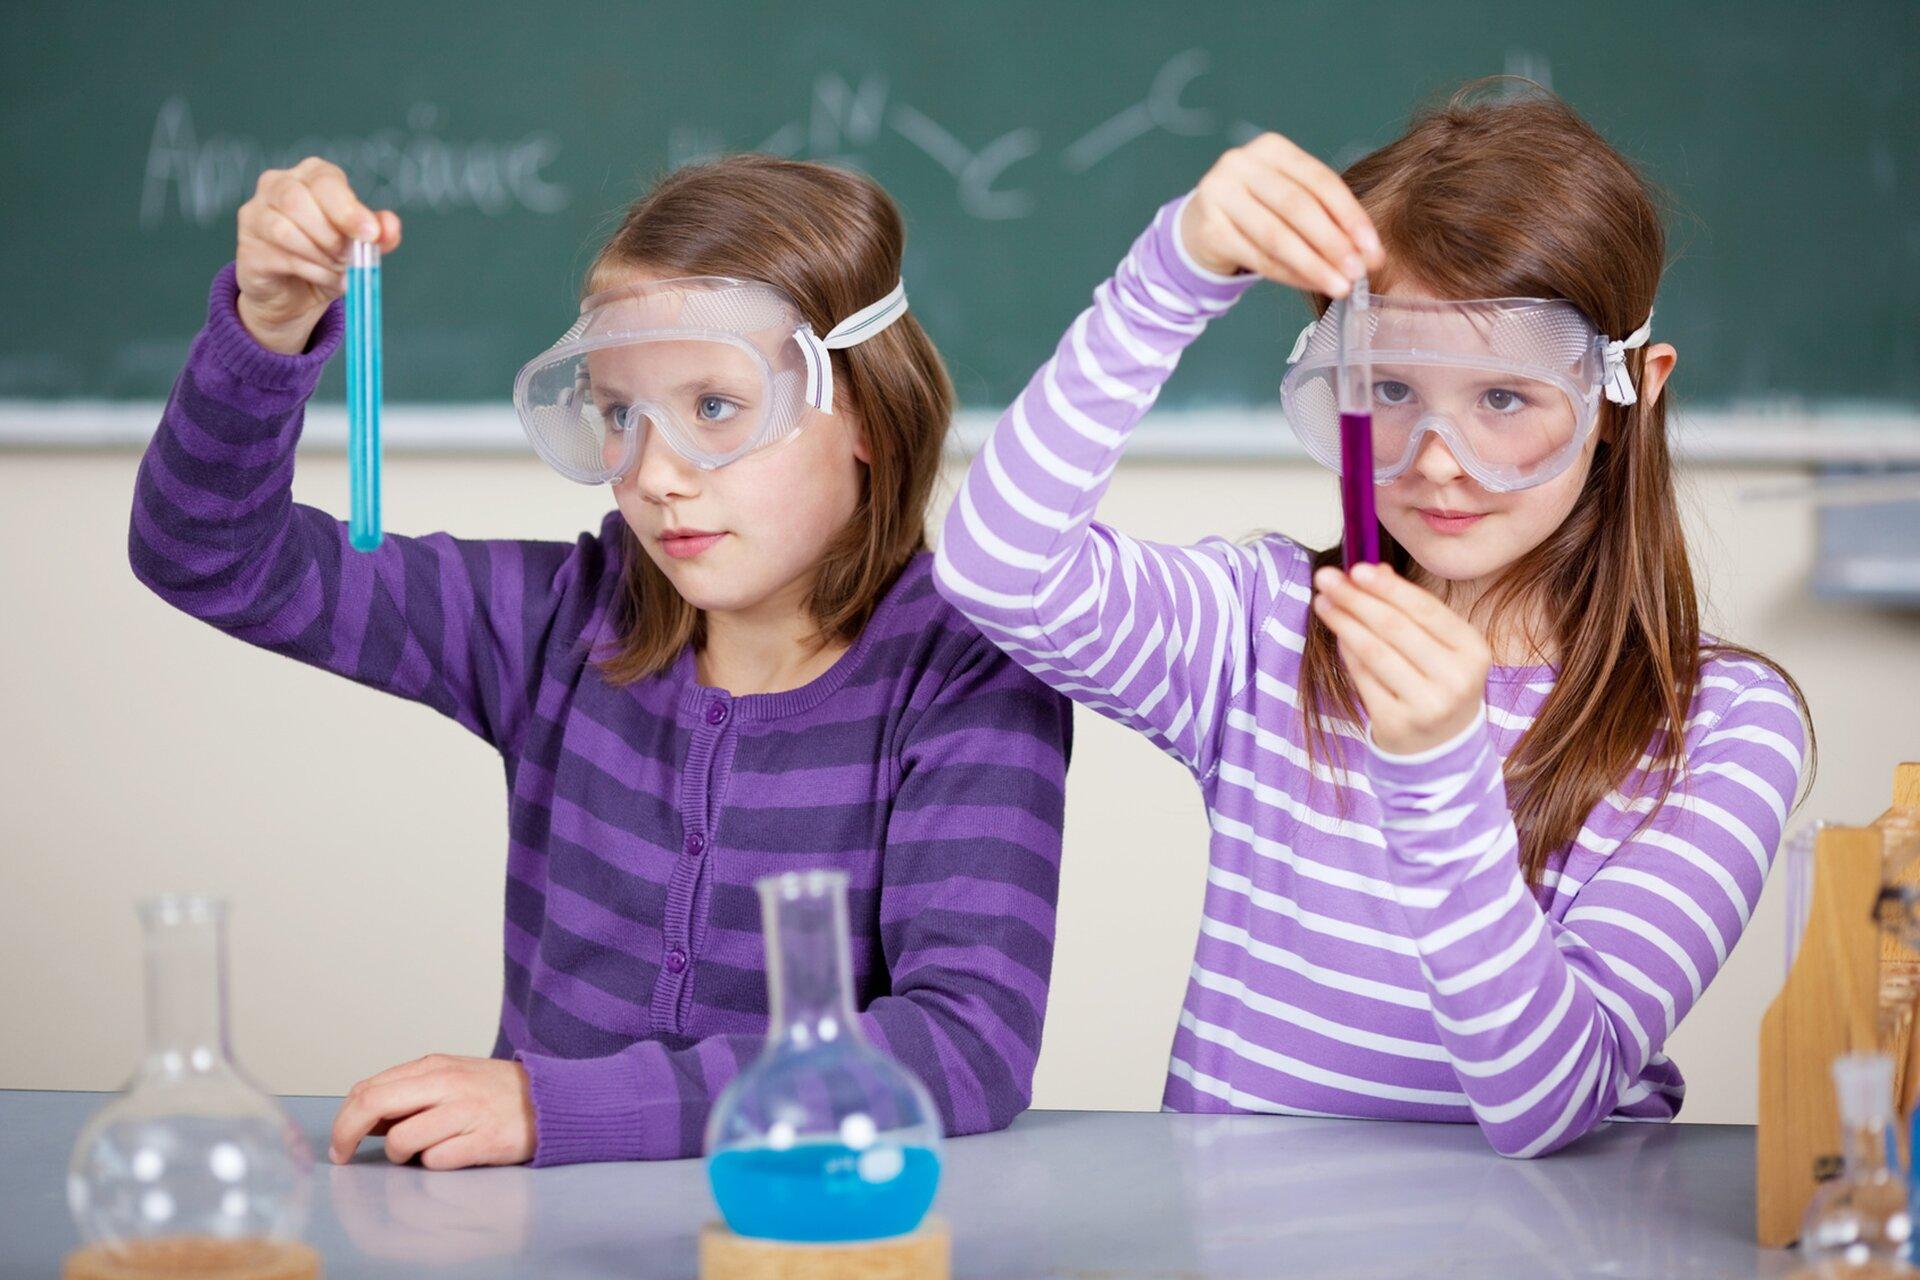 Fotografia przedstawia dwie uczennice wpracowni przyrodniczej. Dziewczynki siedzą przy stole iprzeprowadzają doświadczenie. Mają na sobie ochronne gogle, awrękach trzymają próbówki. Jedna próbówka wypełniona jest fioletowym płynem, adruga niebieskim. Przed uczennicami znajdują się szklane kolby laboratoryjne. Za plecami uczennic, na ścianie, wisi tablica, na której zapisano wzory chemiczne.